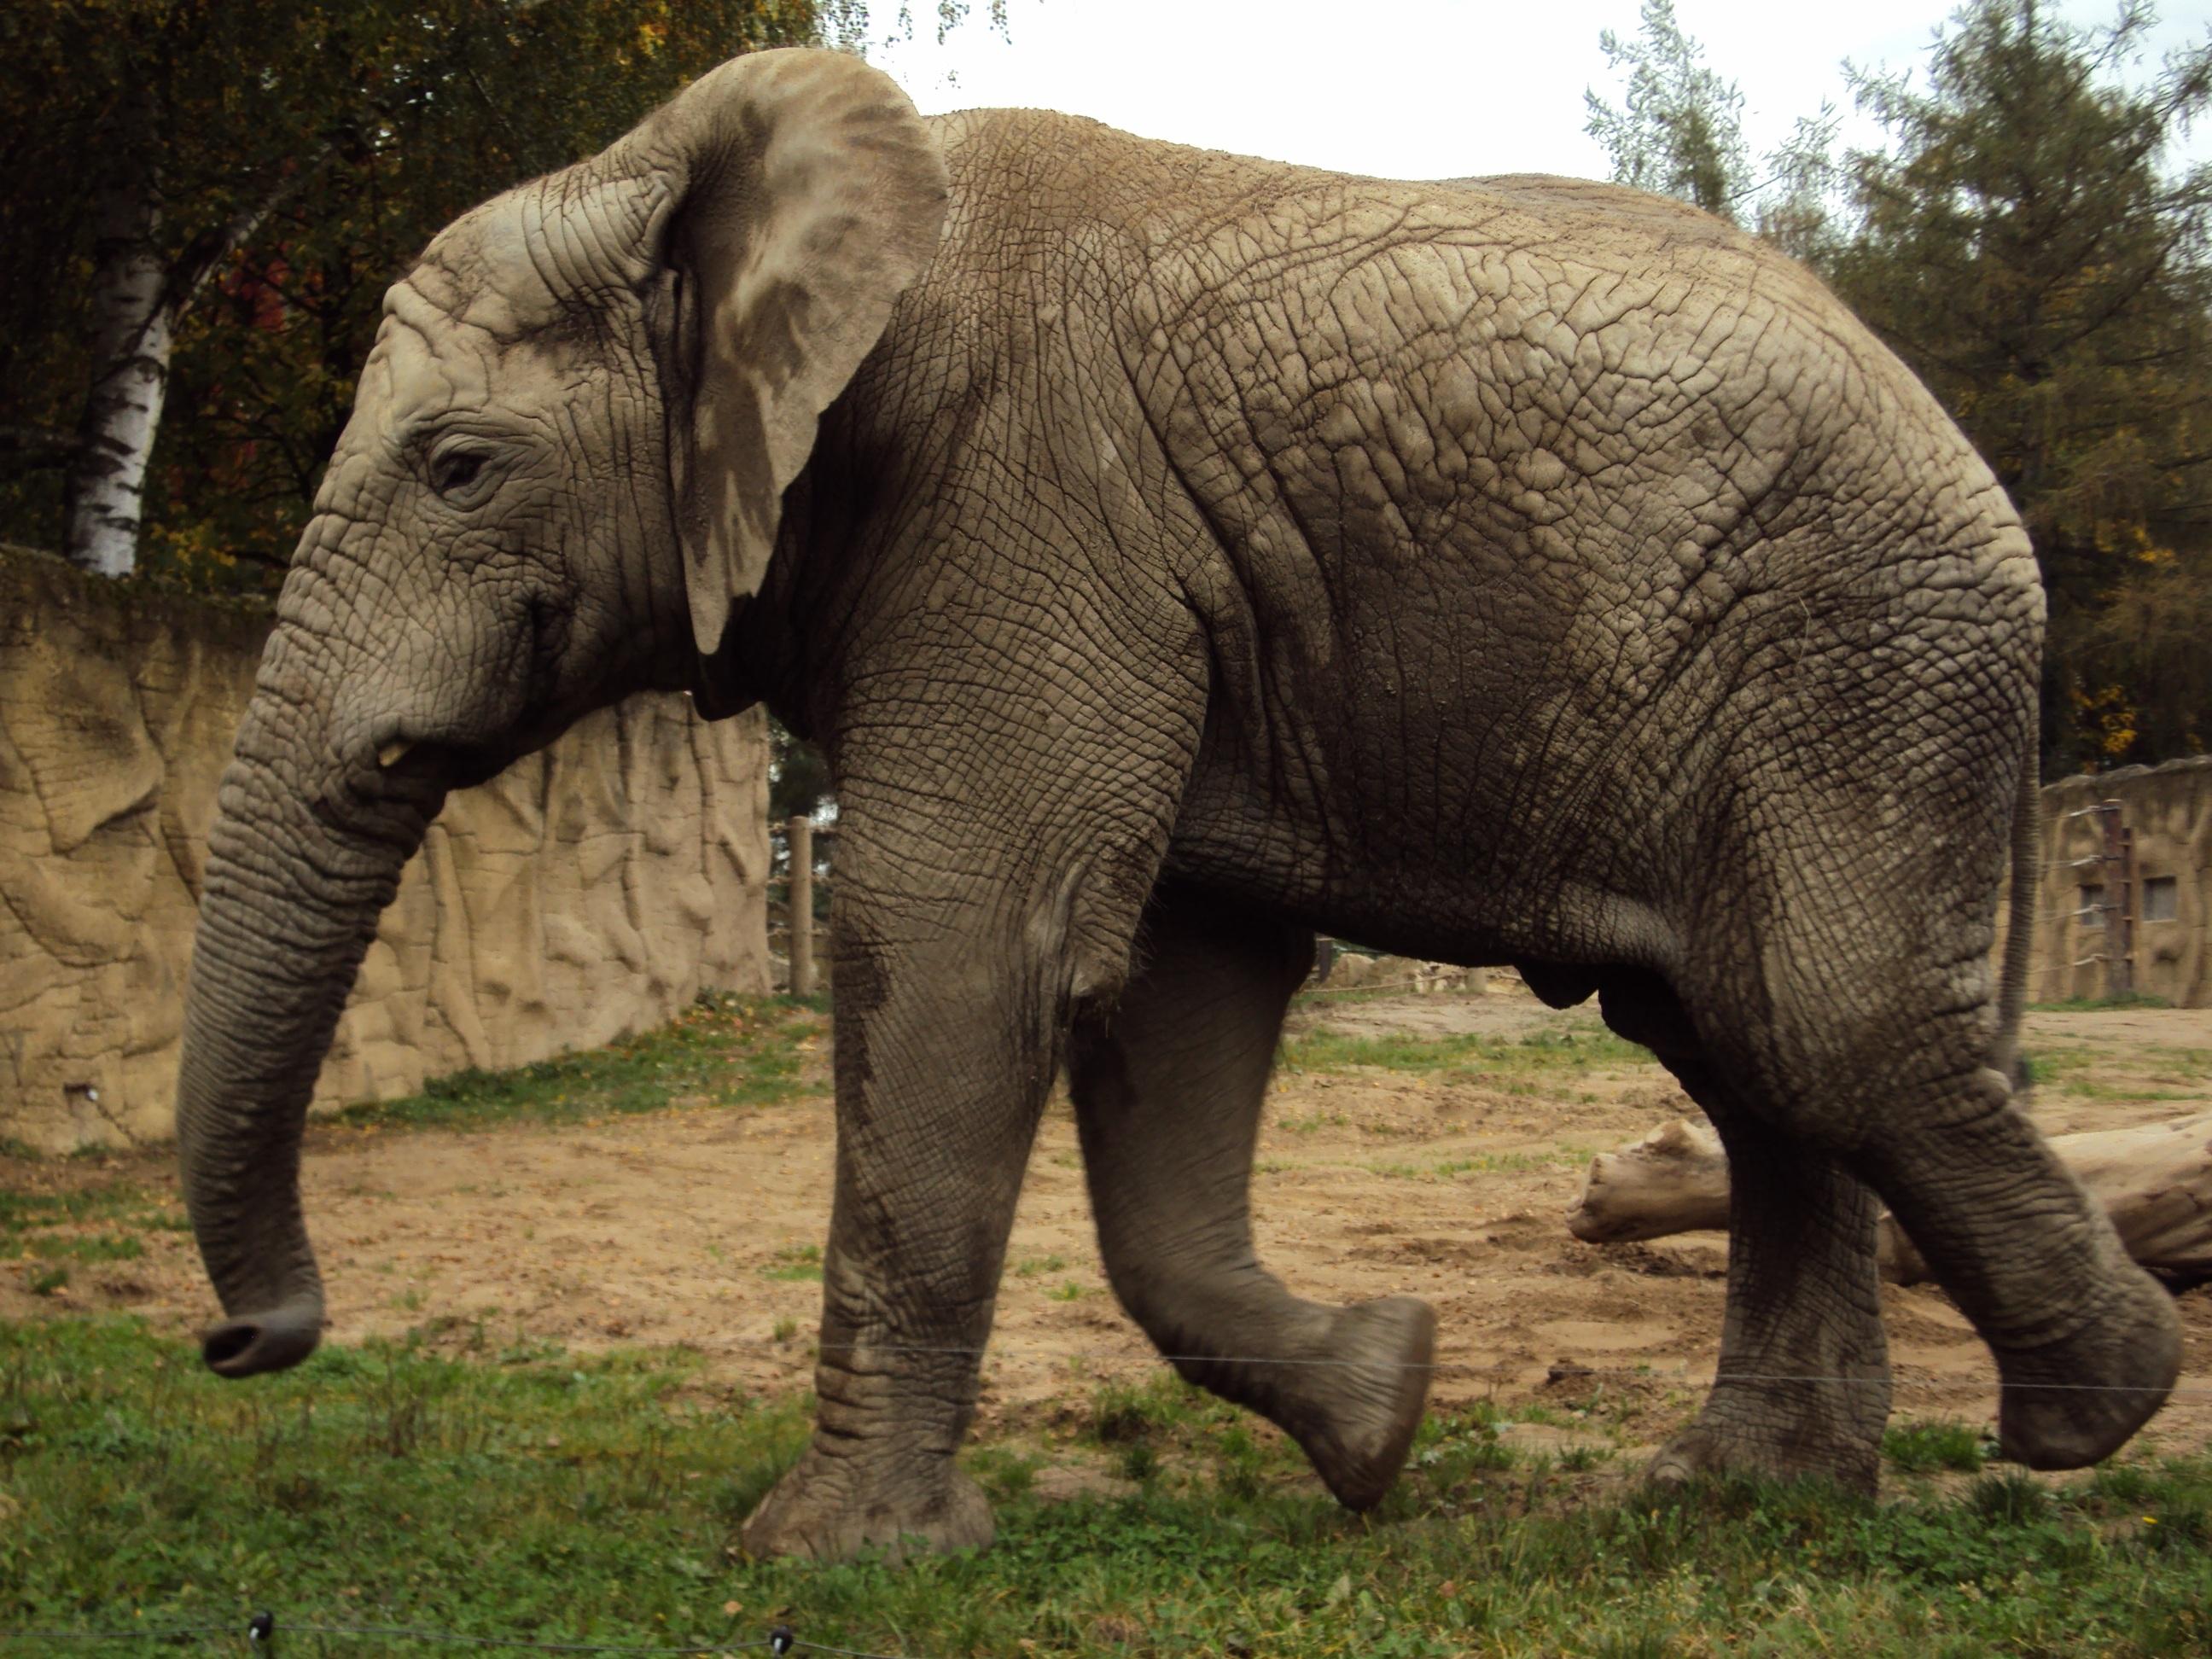 Images gratuites tronc faune zoo mammif re l phant gris animaux safari l phant - Photos d elephants gratuites ...